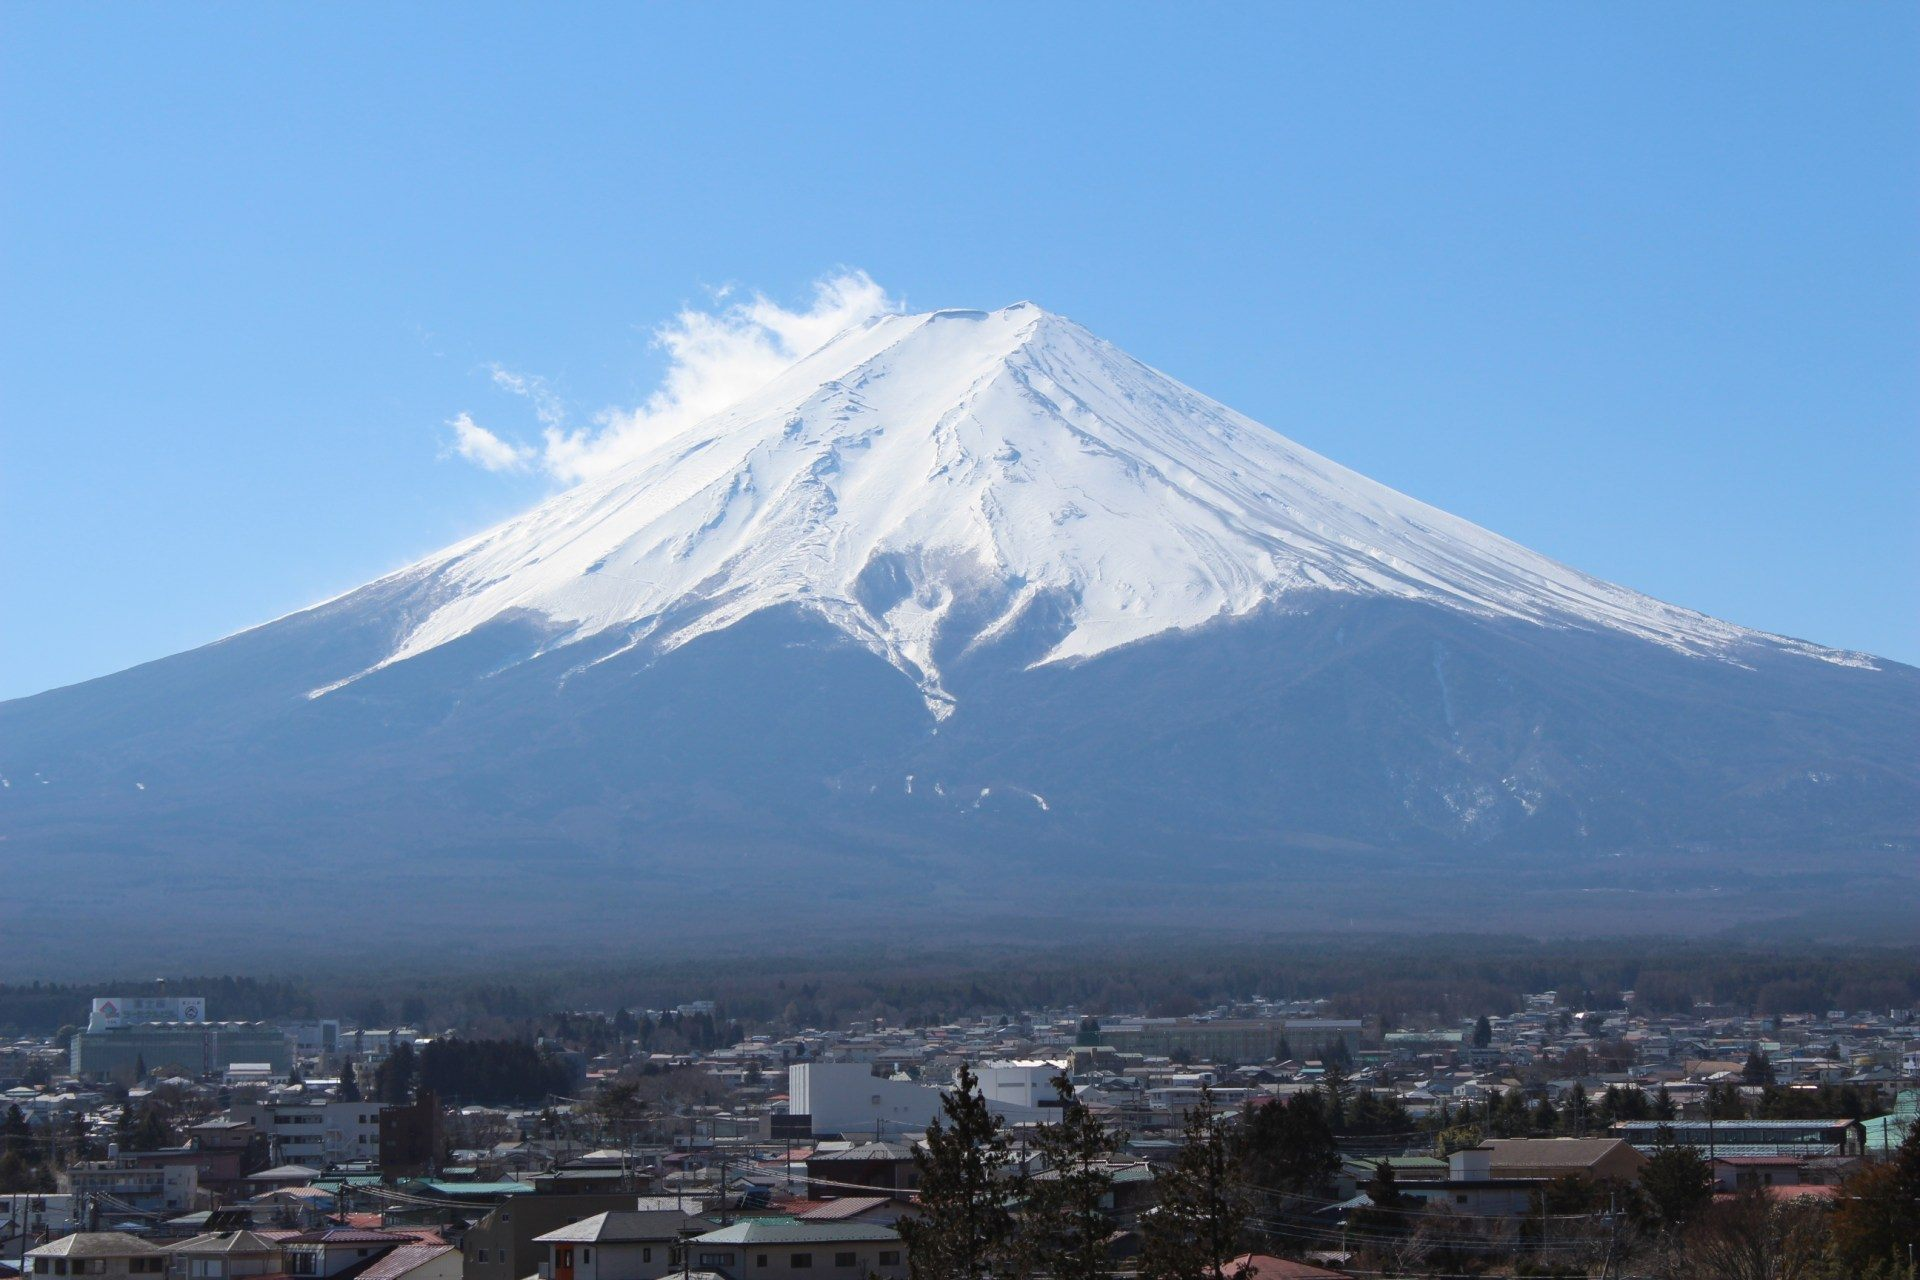 從新倉山淺間公園眺望美麗的富士山